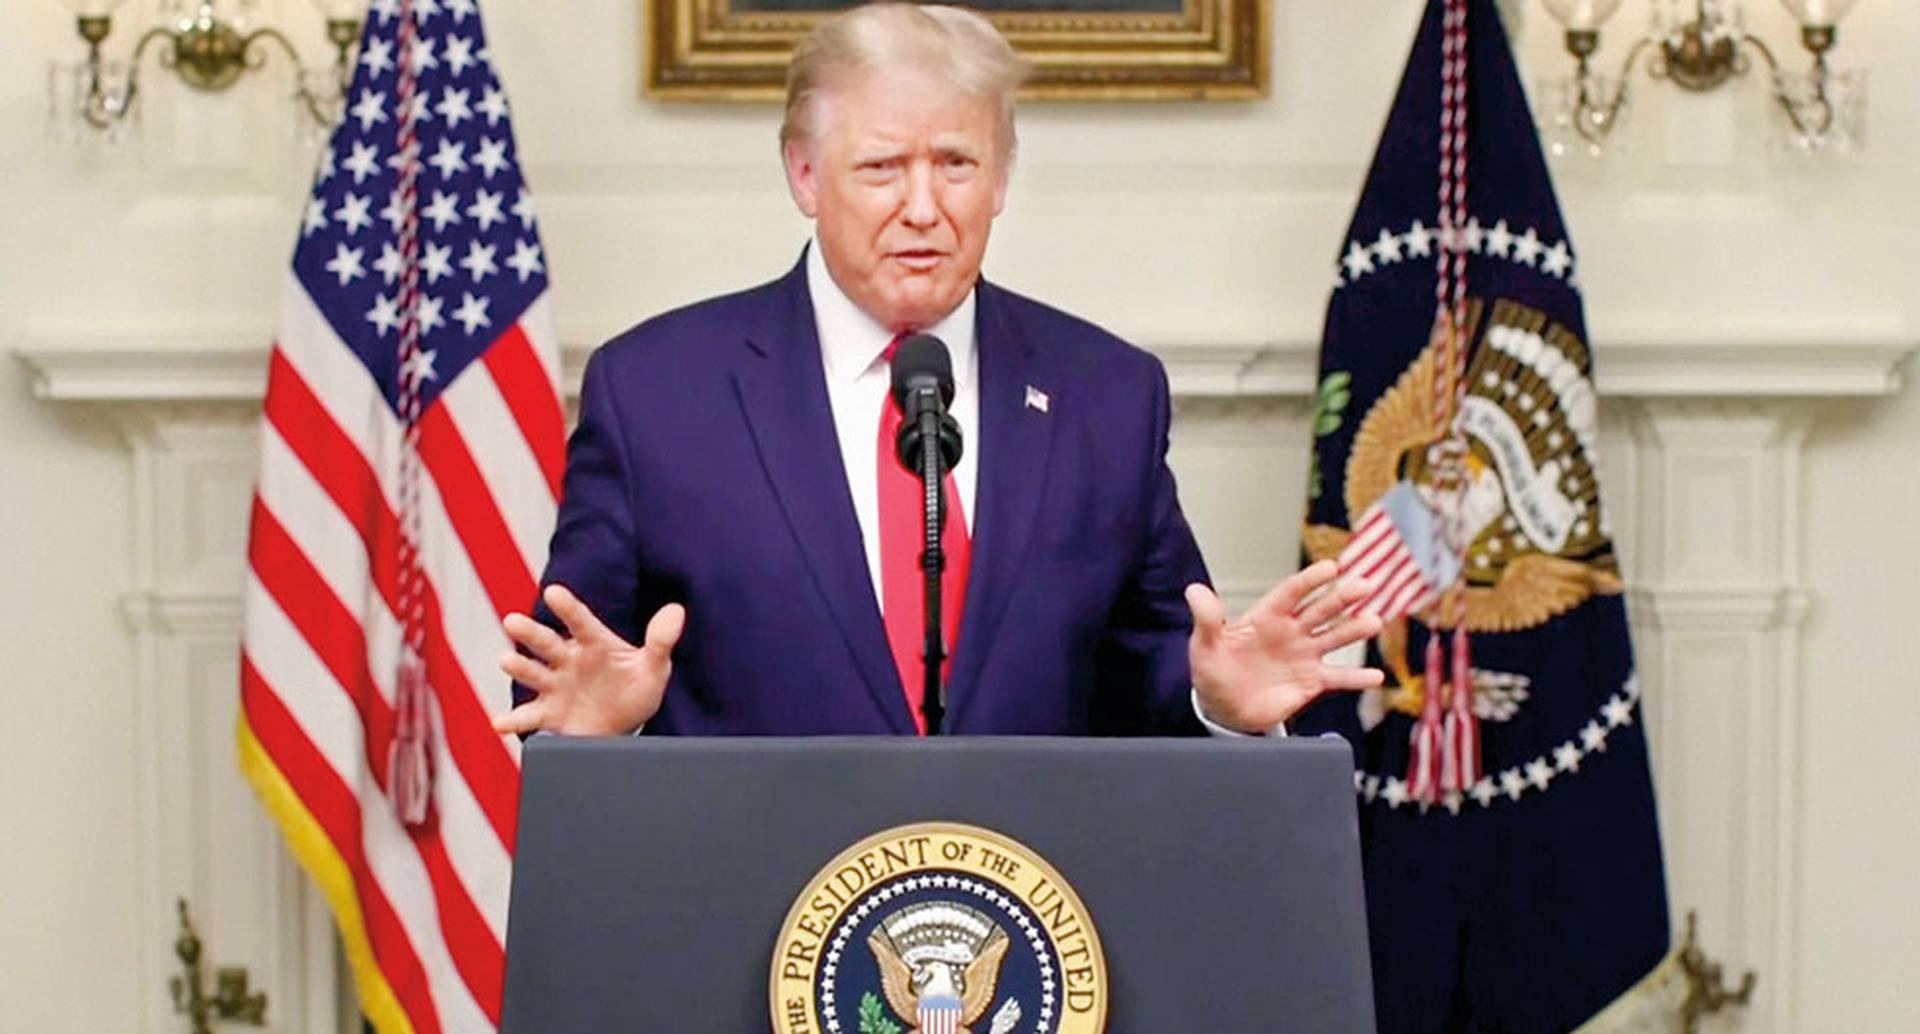 Por su parte,  Donald Trump culpó a su homólogo chino  de la expansión del virus y pidió a la ONU que lo hicieran responsable.